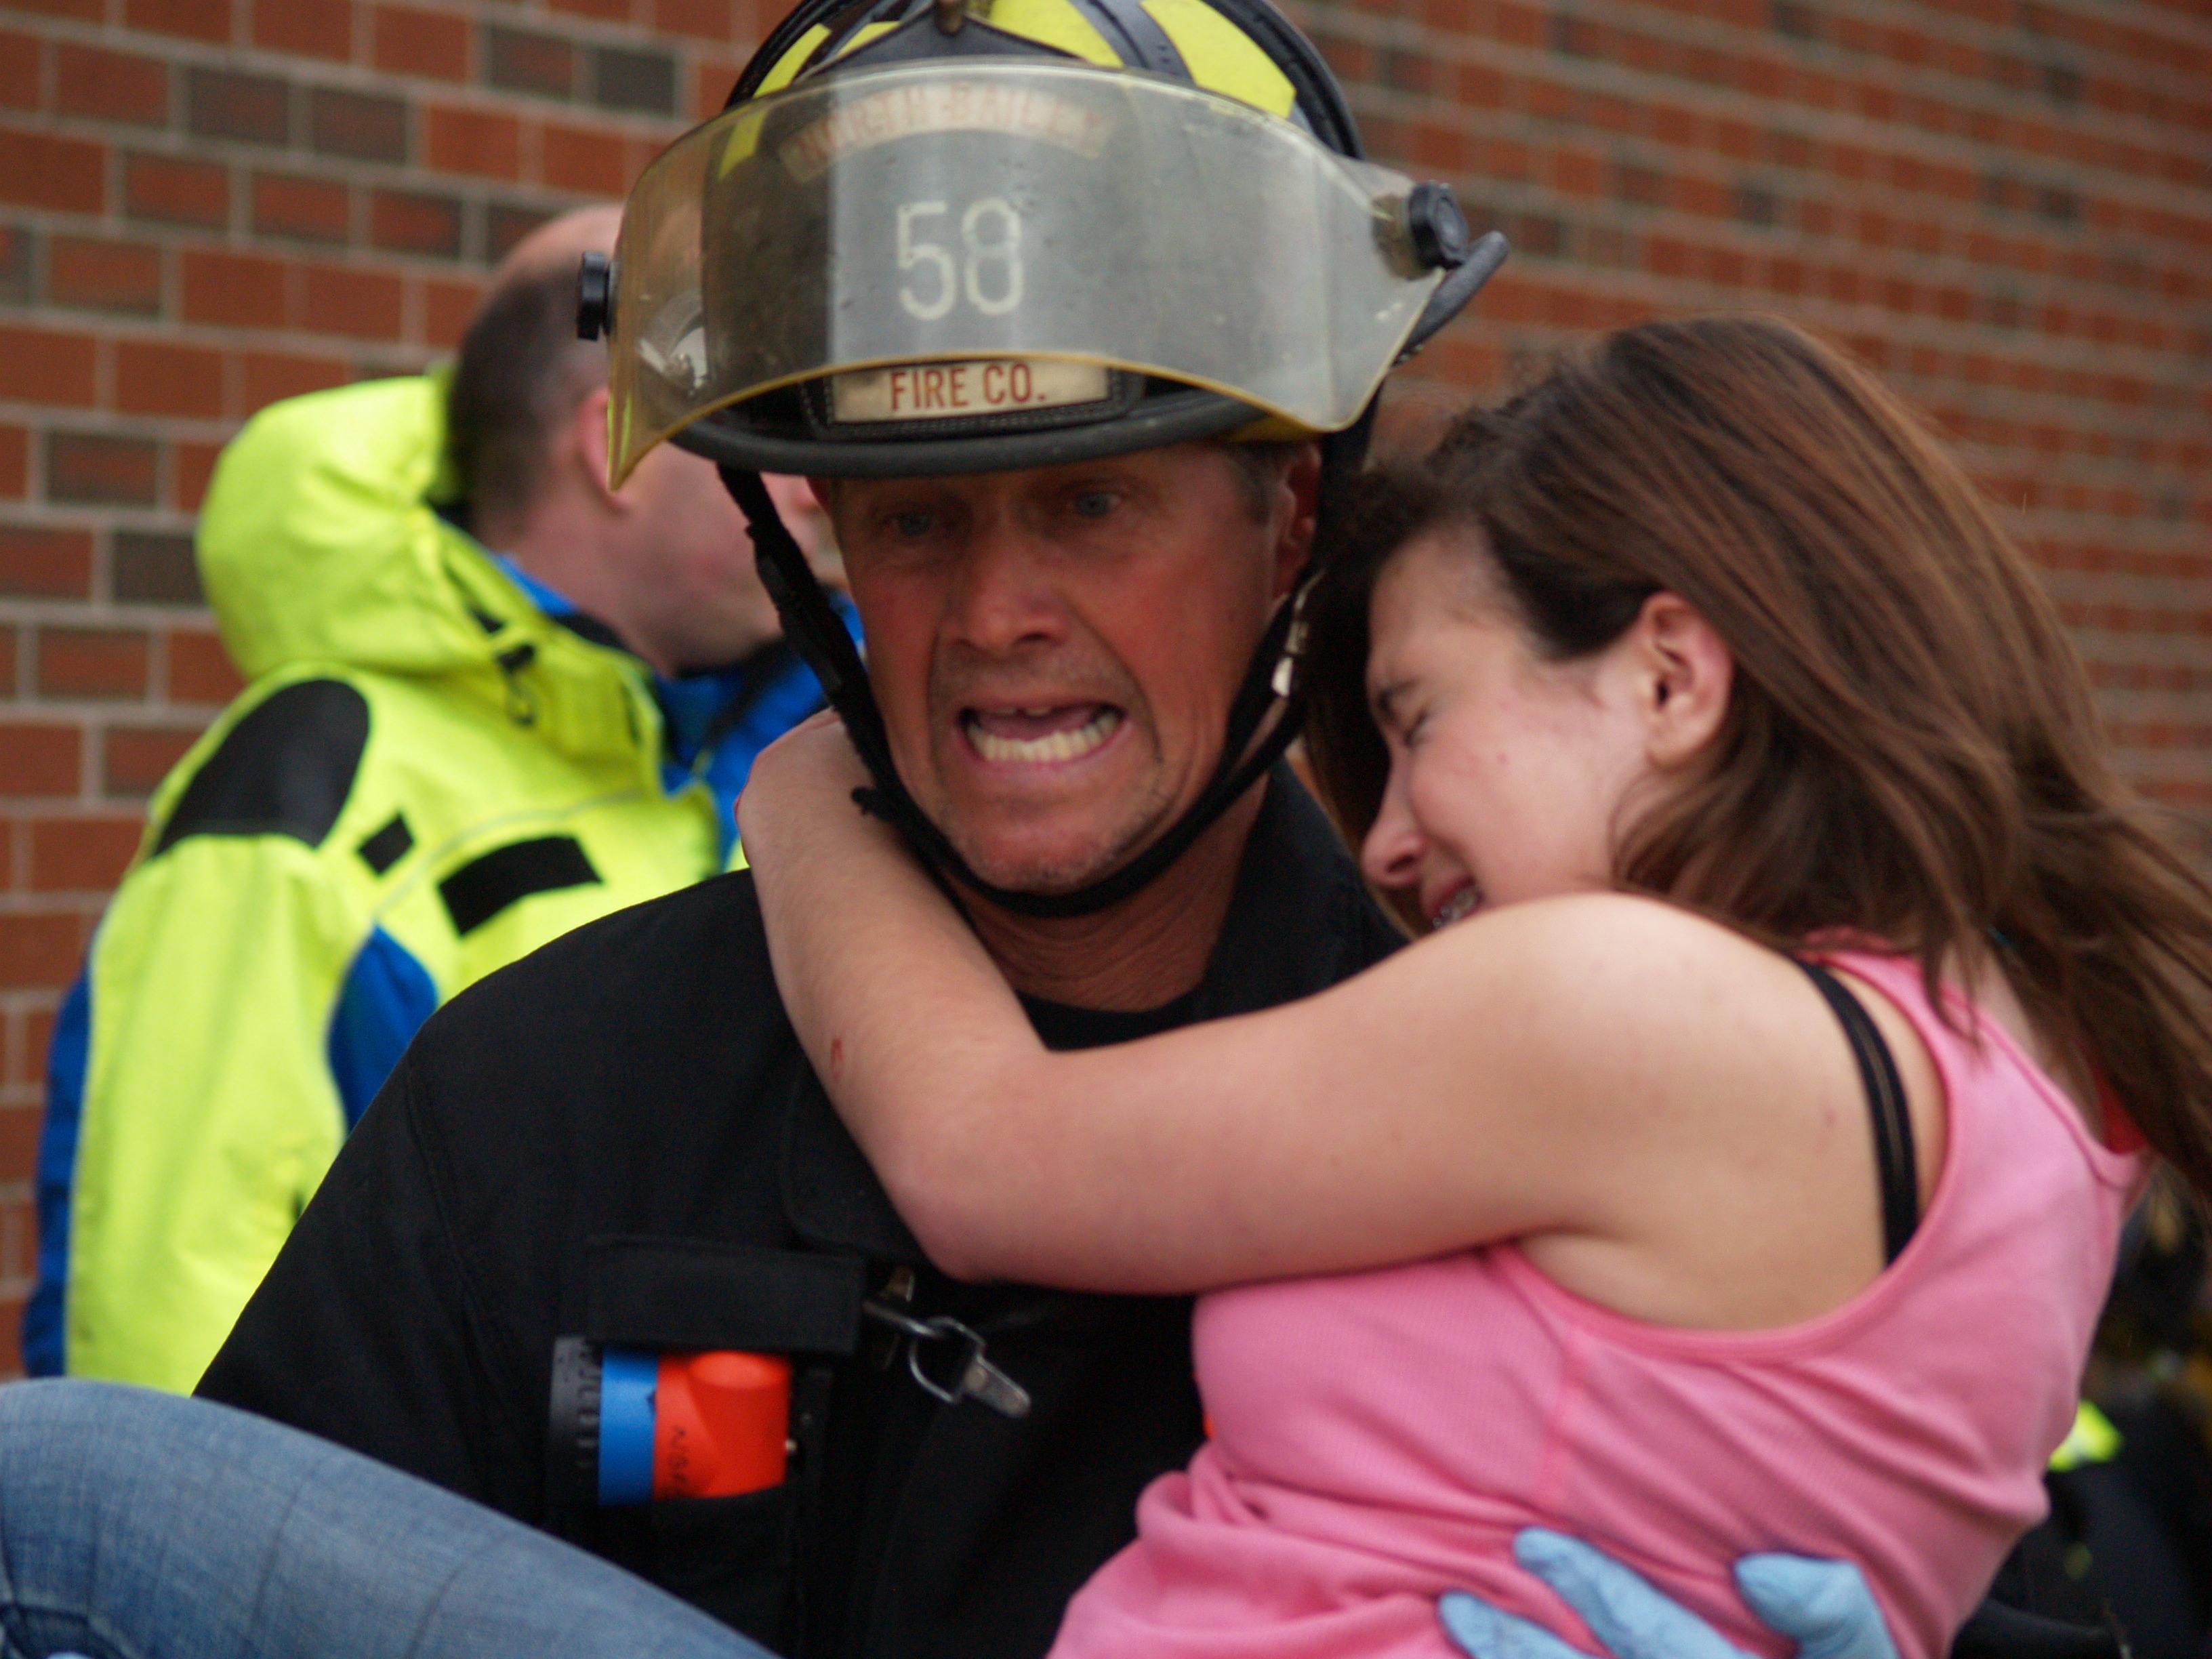 Firefighter Sykes